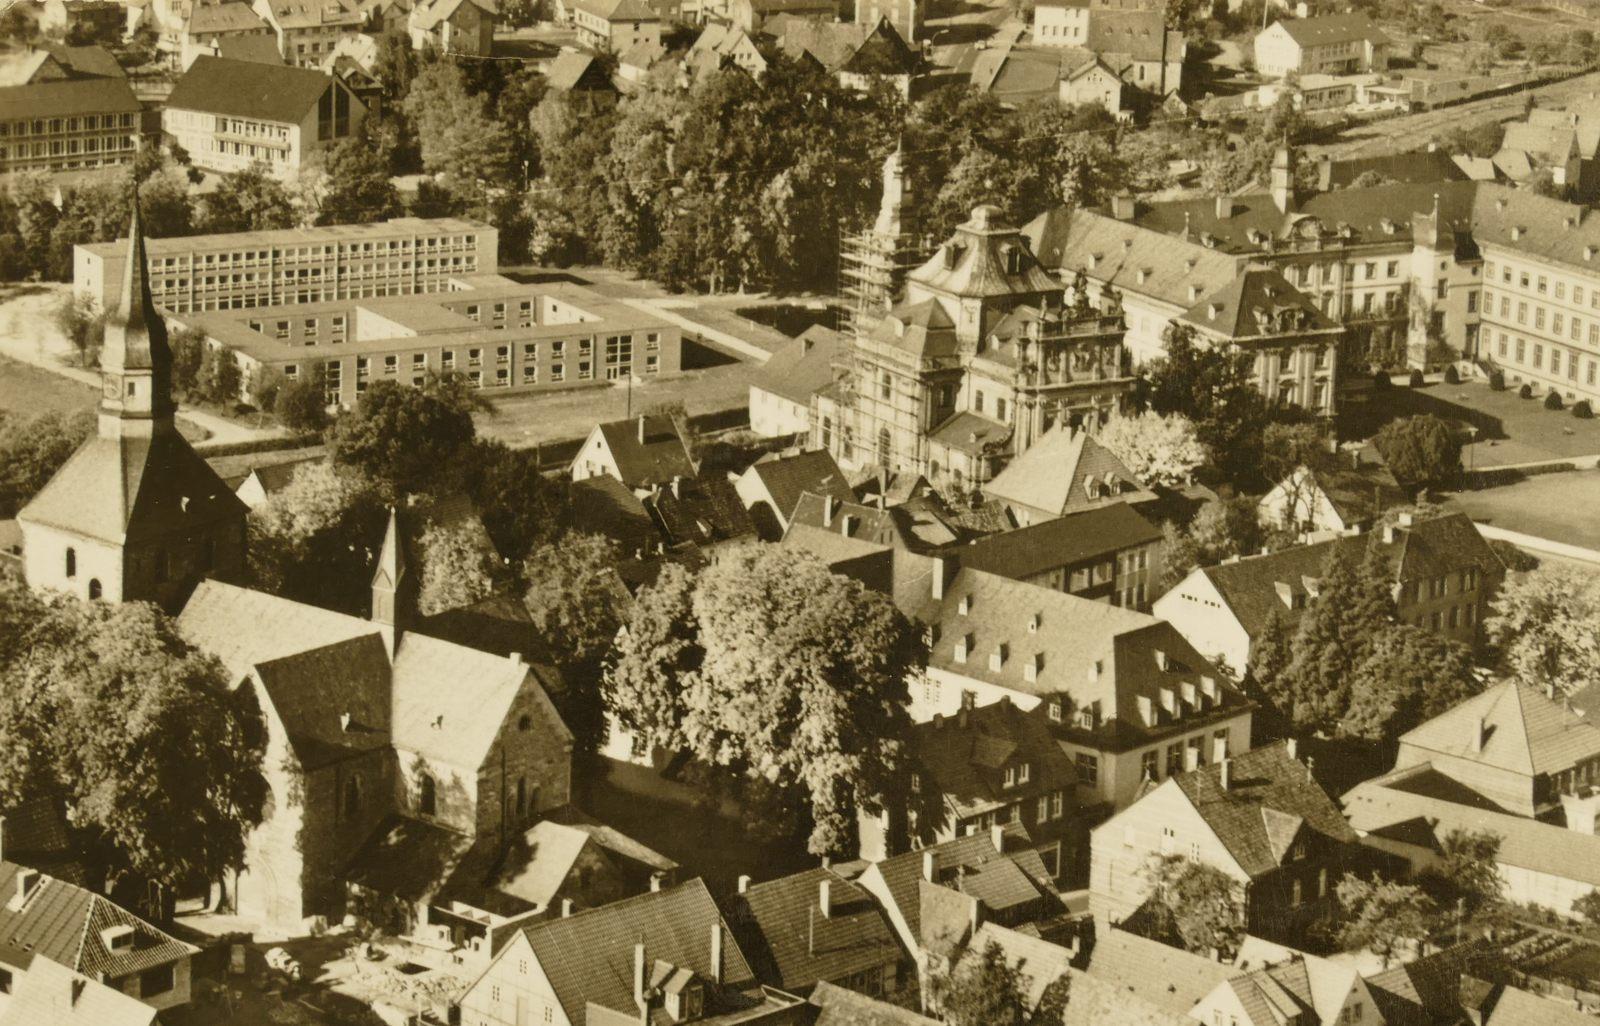 Auf diesem Luftbild sind alle drei Bürener Kirchen zu sehen: um 1980